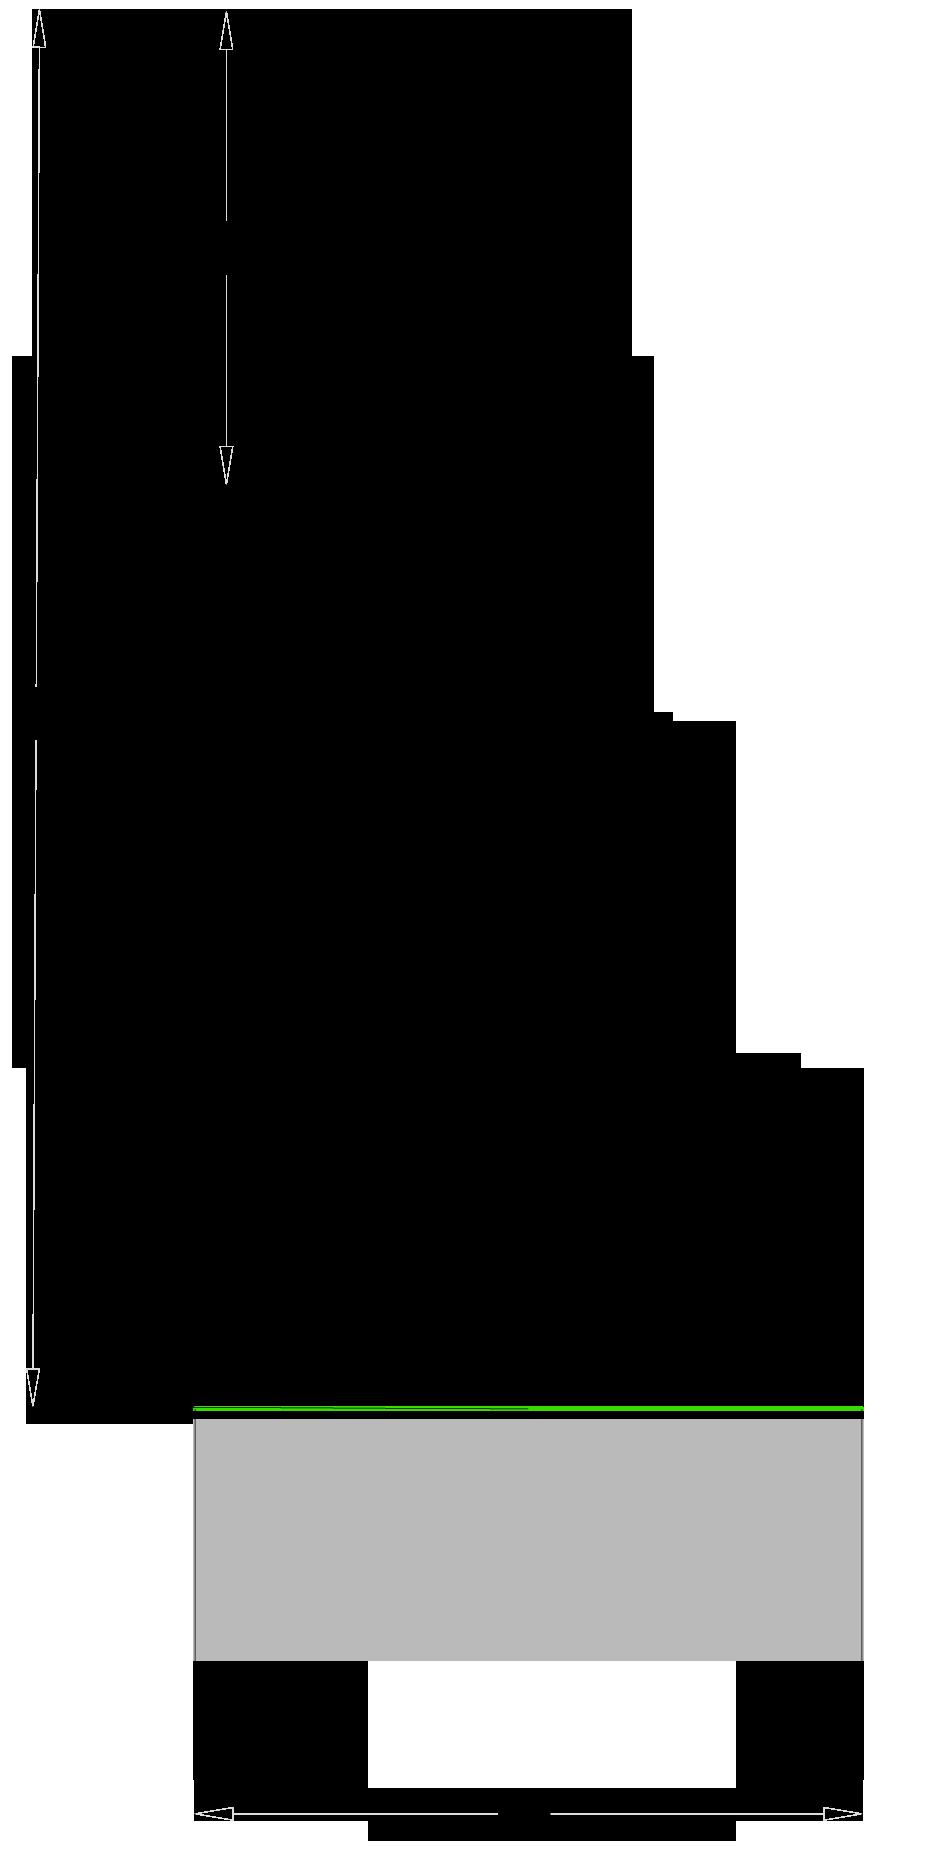 Fresa in PKD diamante per cerniere Z=2 - disegno tecnico